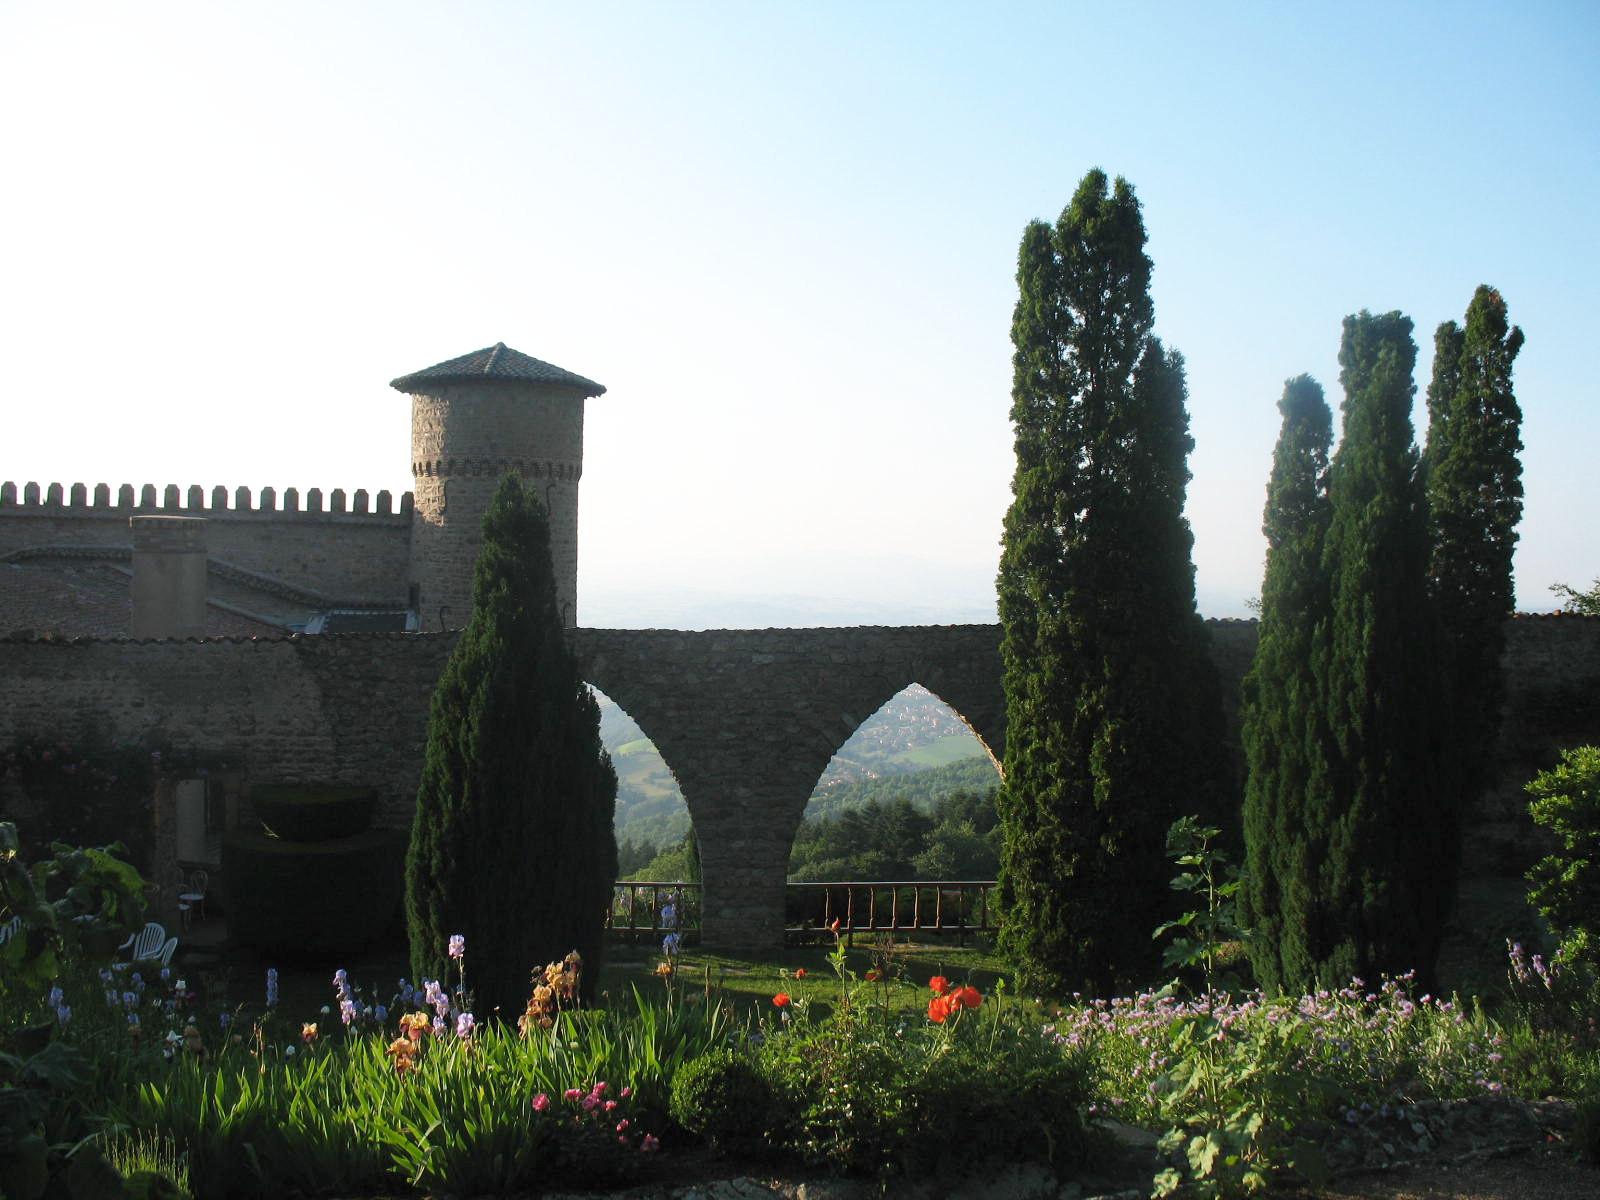 Частный односемейный дом для того Продажа на OUEST LYONNAIS - DOMAINE EXCEPTIONNEL VAUGNERAY Other Rhone-Alpes, Рона-Альпы 69290 Франция